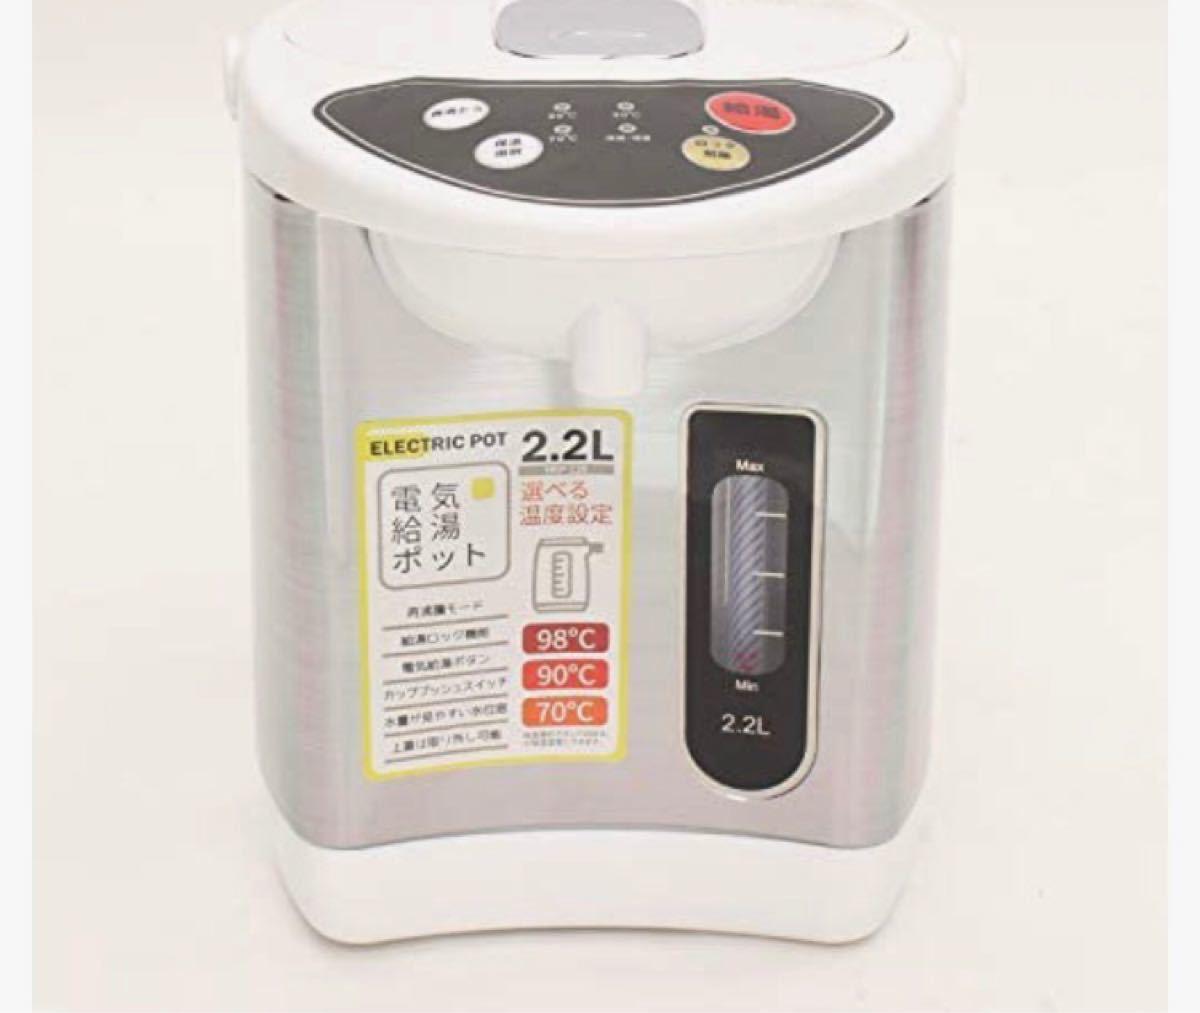 電気ポット【2.2L】【新品未開封】